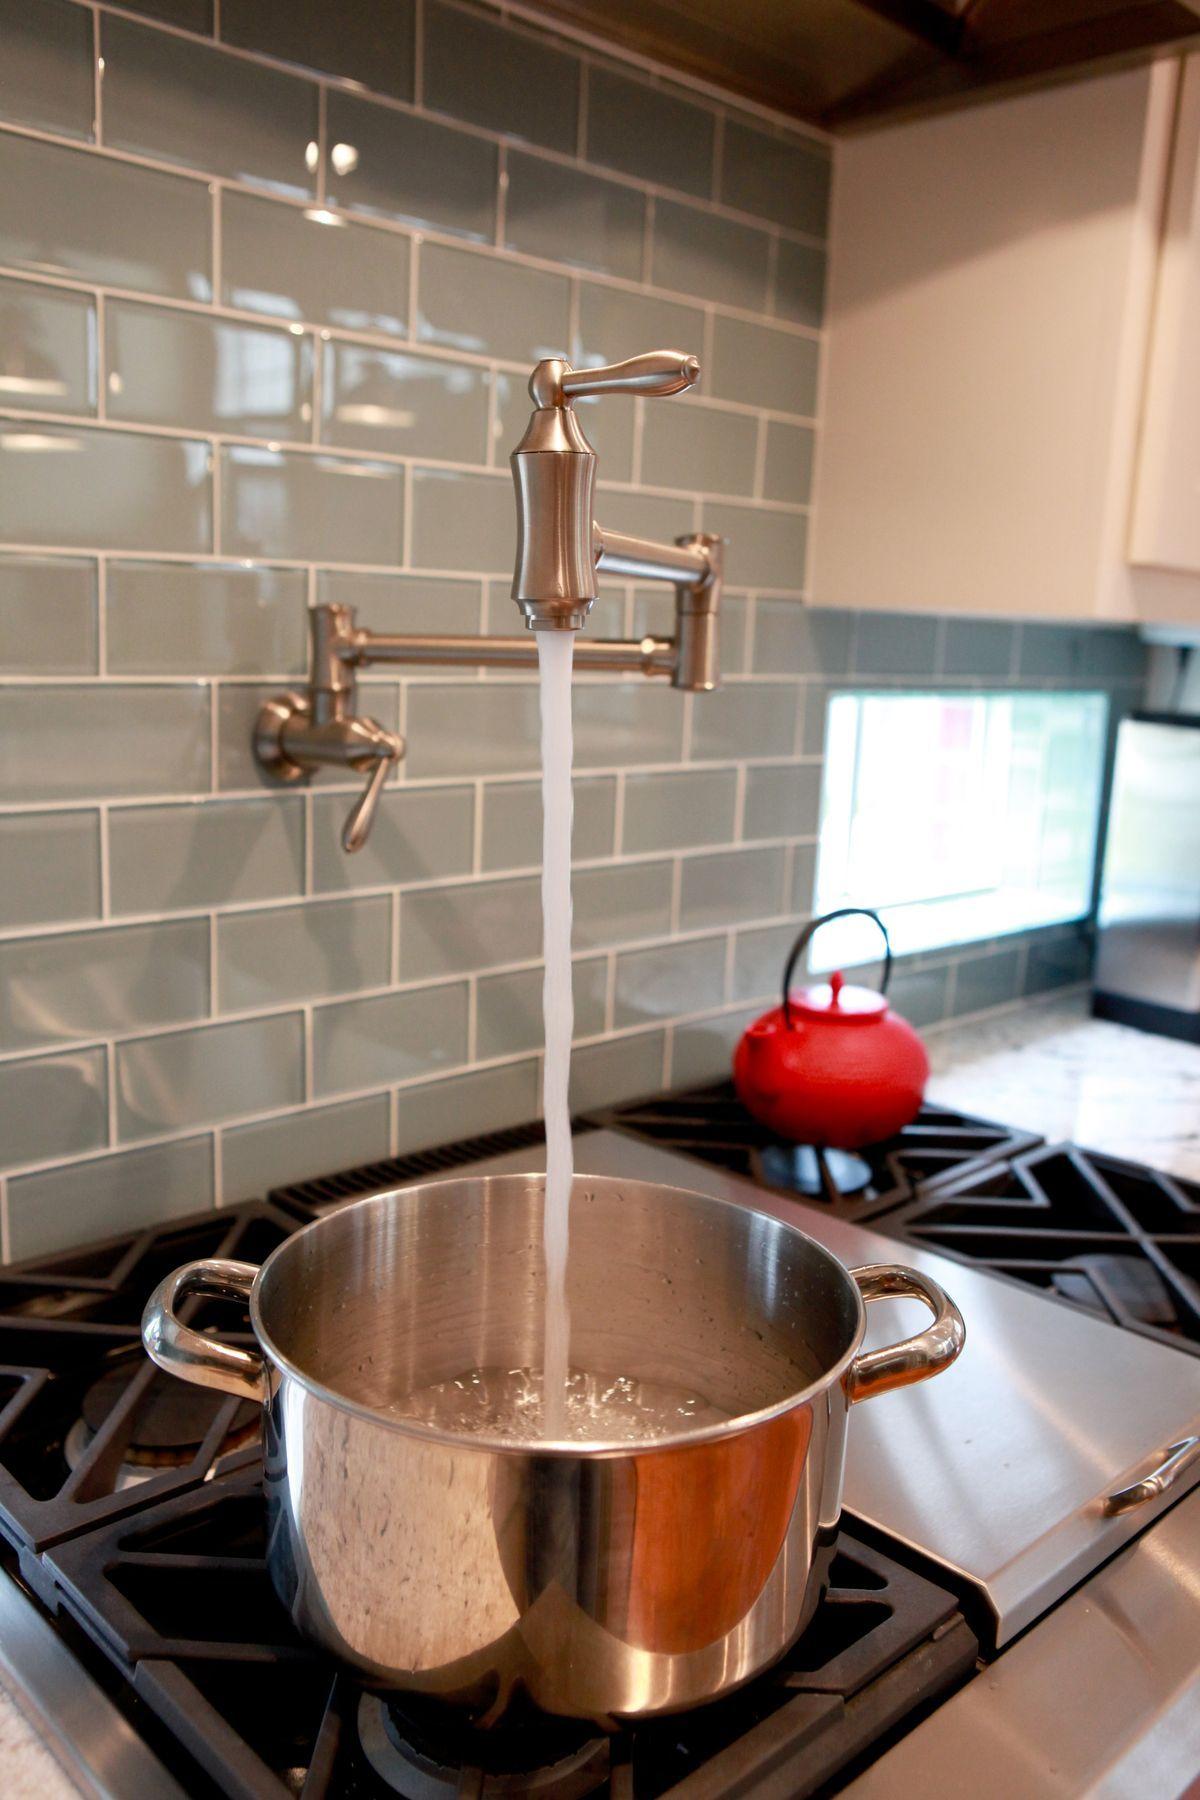 Pin de Pam Rhodes en In the kitchen | Pinterest | Cocinas, Cocina ...